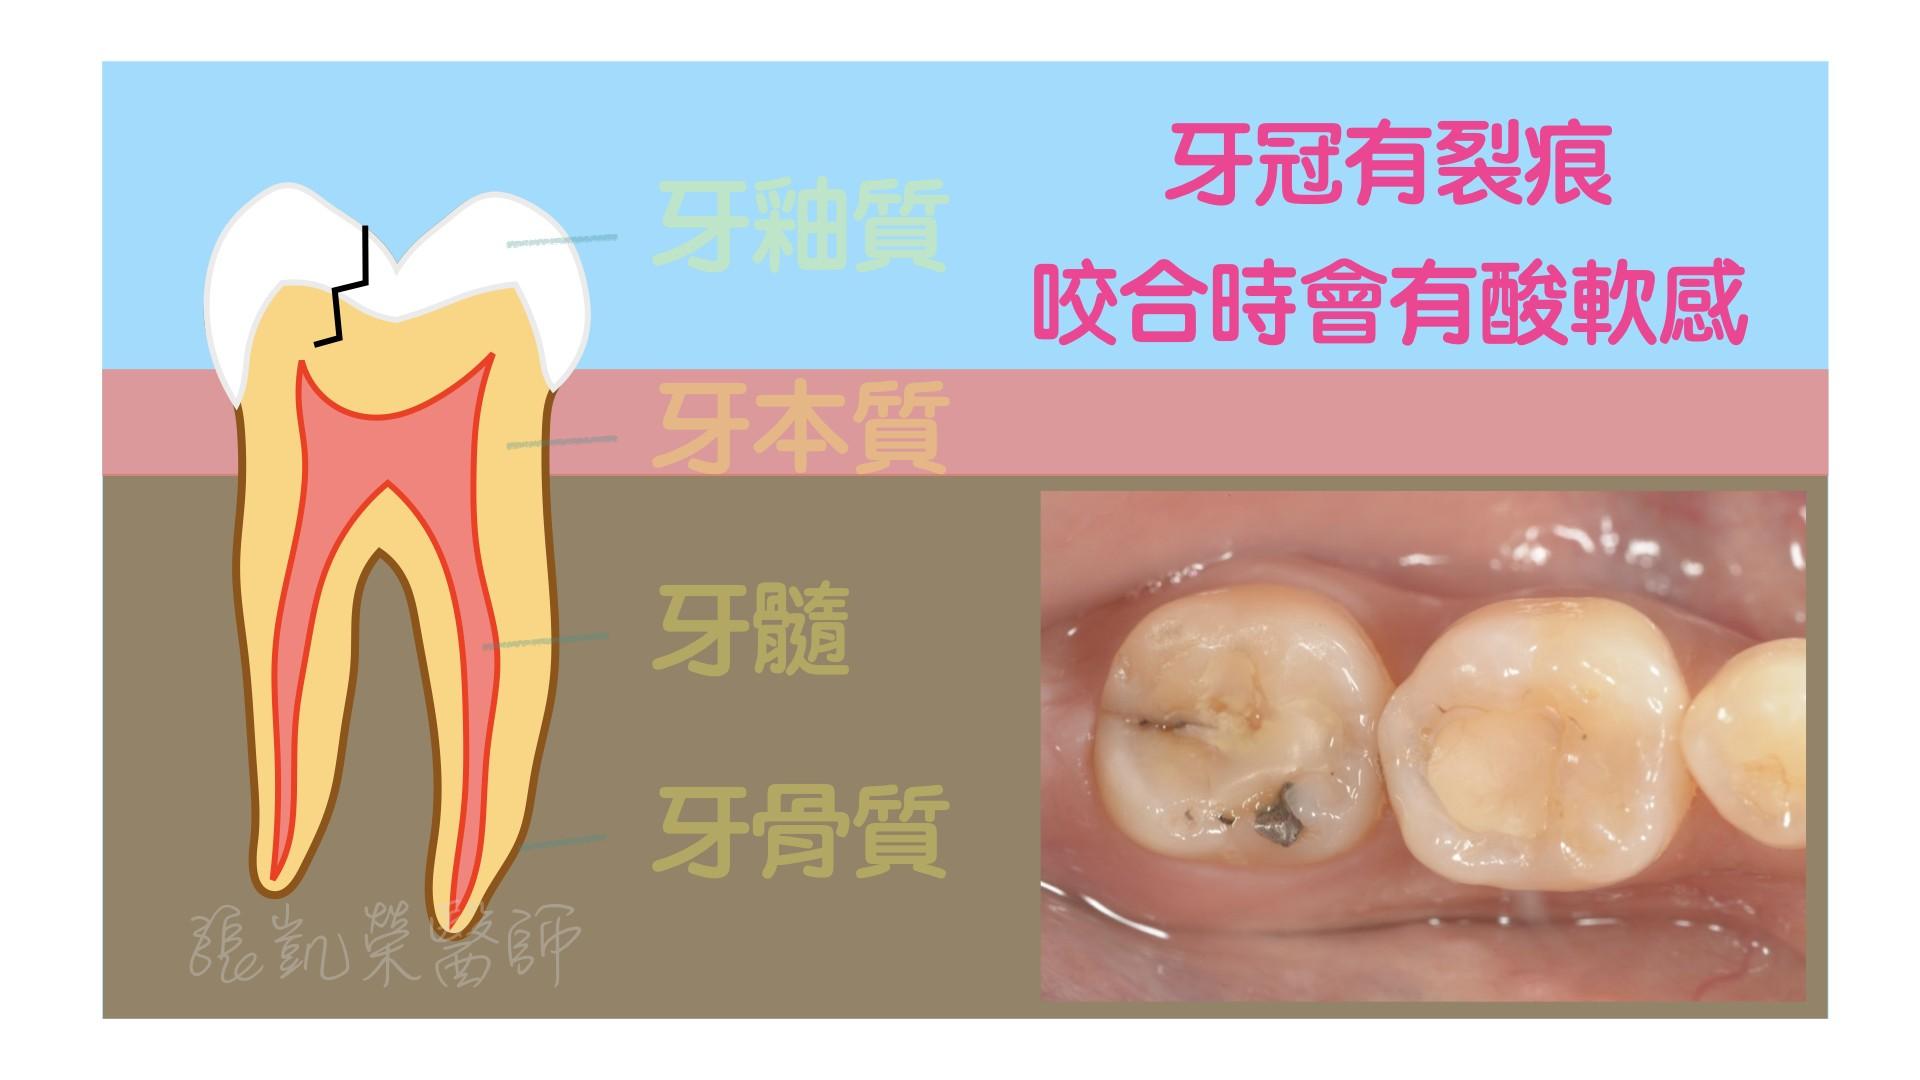 牙齒有酸酸的感覺,牙齒是怎麼了呢? PART III:牙冠裂了